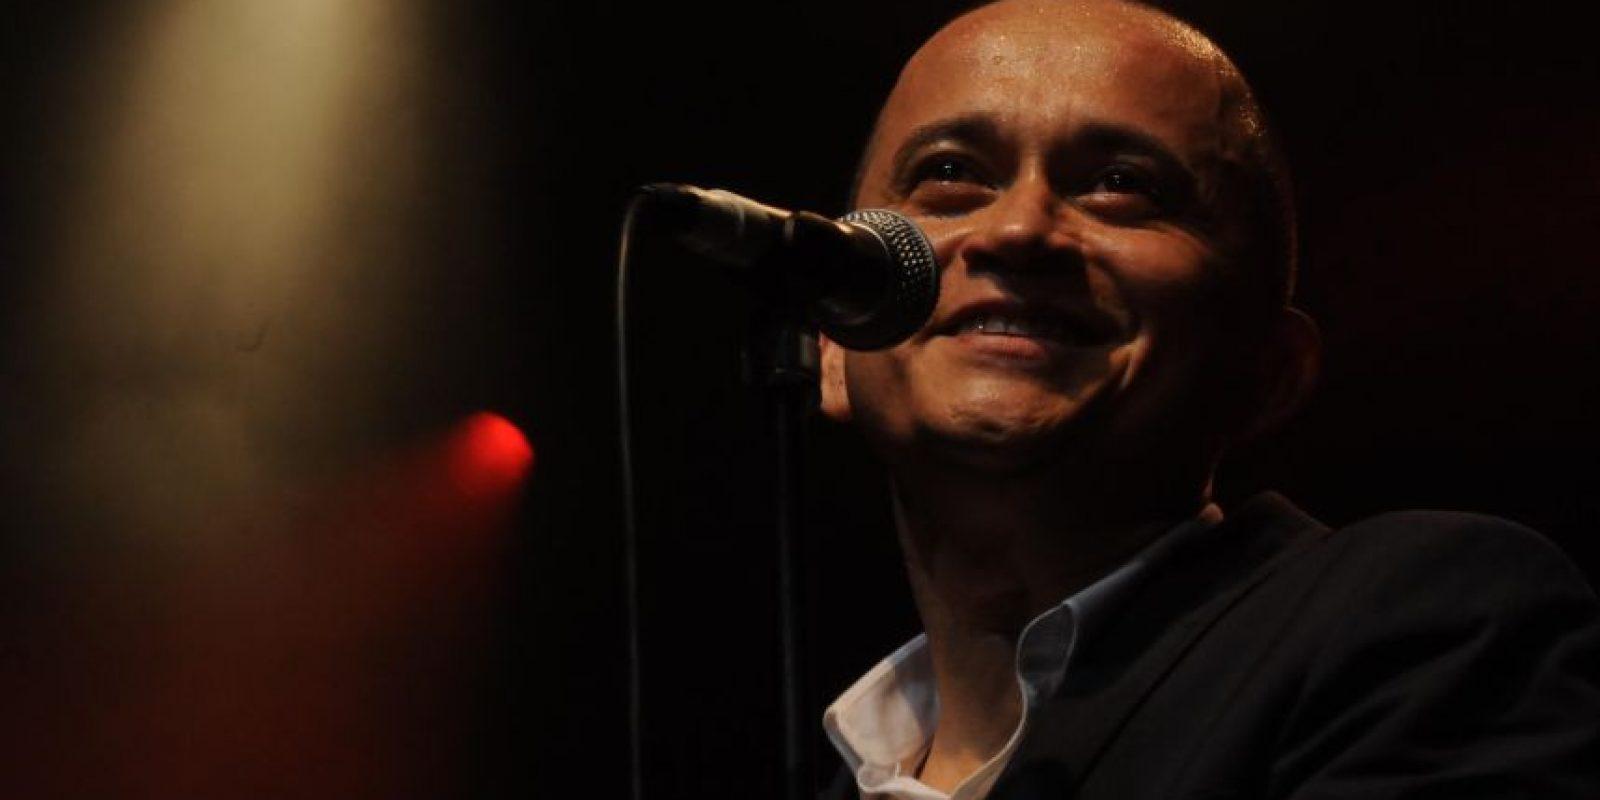 Yuri Buenaventura:Este cantante de salsa caleño se formó en París, a donde se fue a estudiar economía. Allá empezó cantando en el metro, hasta que se convirtió en uno de los cantantes más reconocidos de Francia. Cuando ya era famoso allá, se dio a conocer en Colombia.